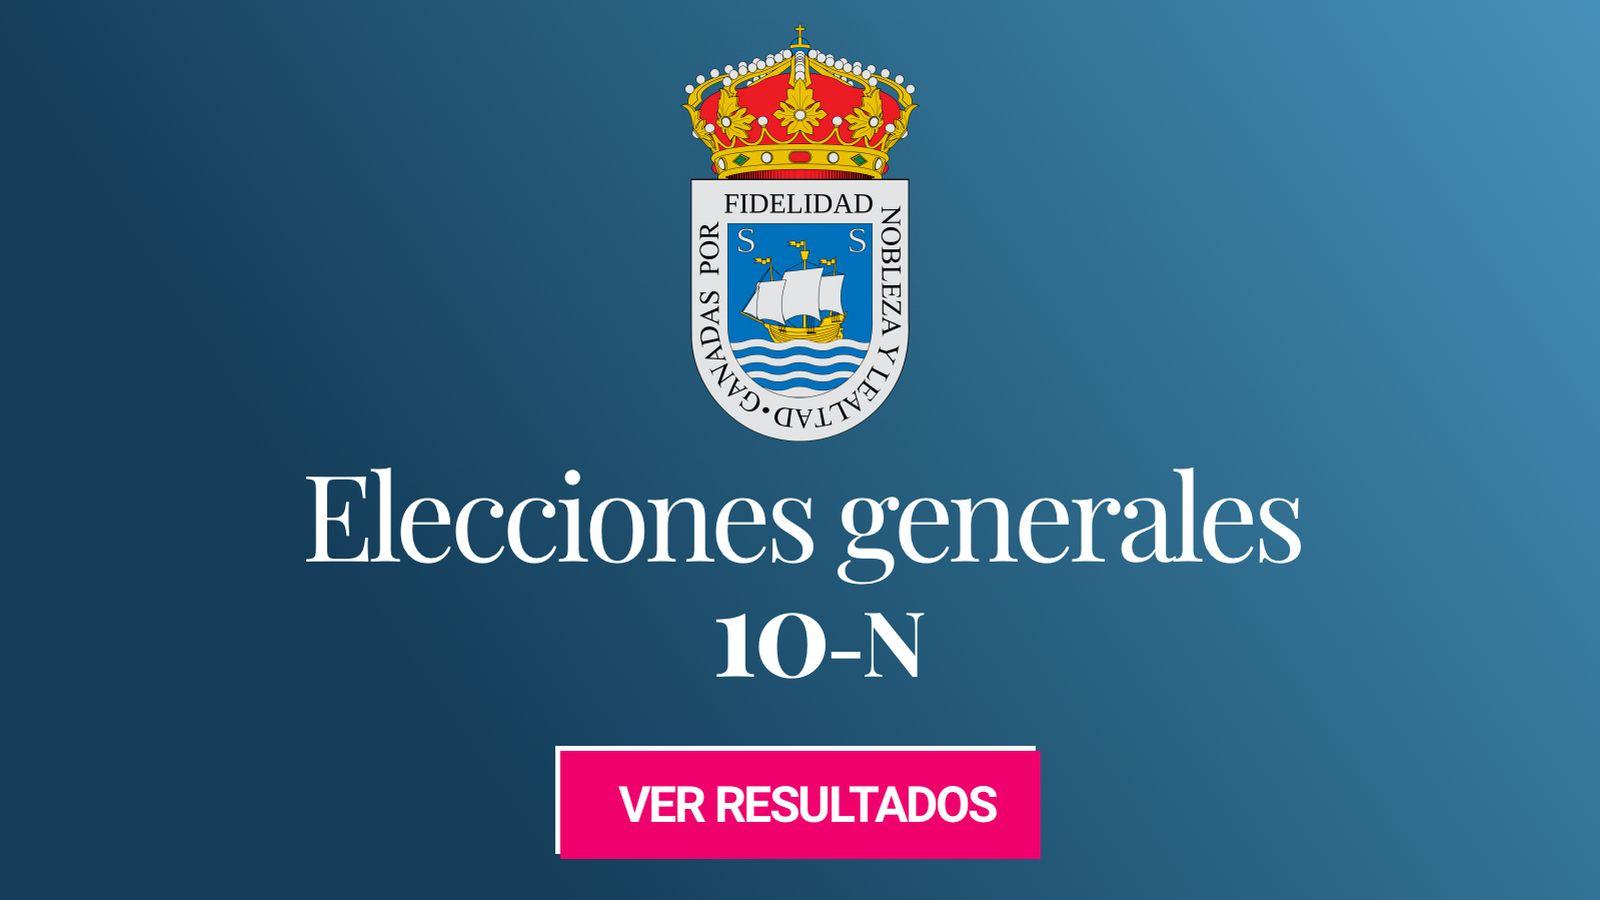 Foto: Elecciones generales 2019 en San Sebastián. (C.C./EC)